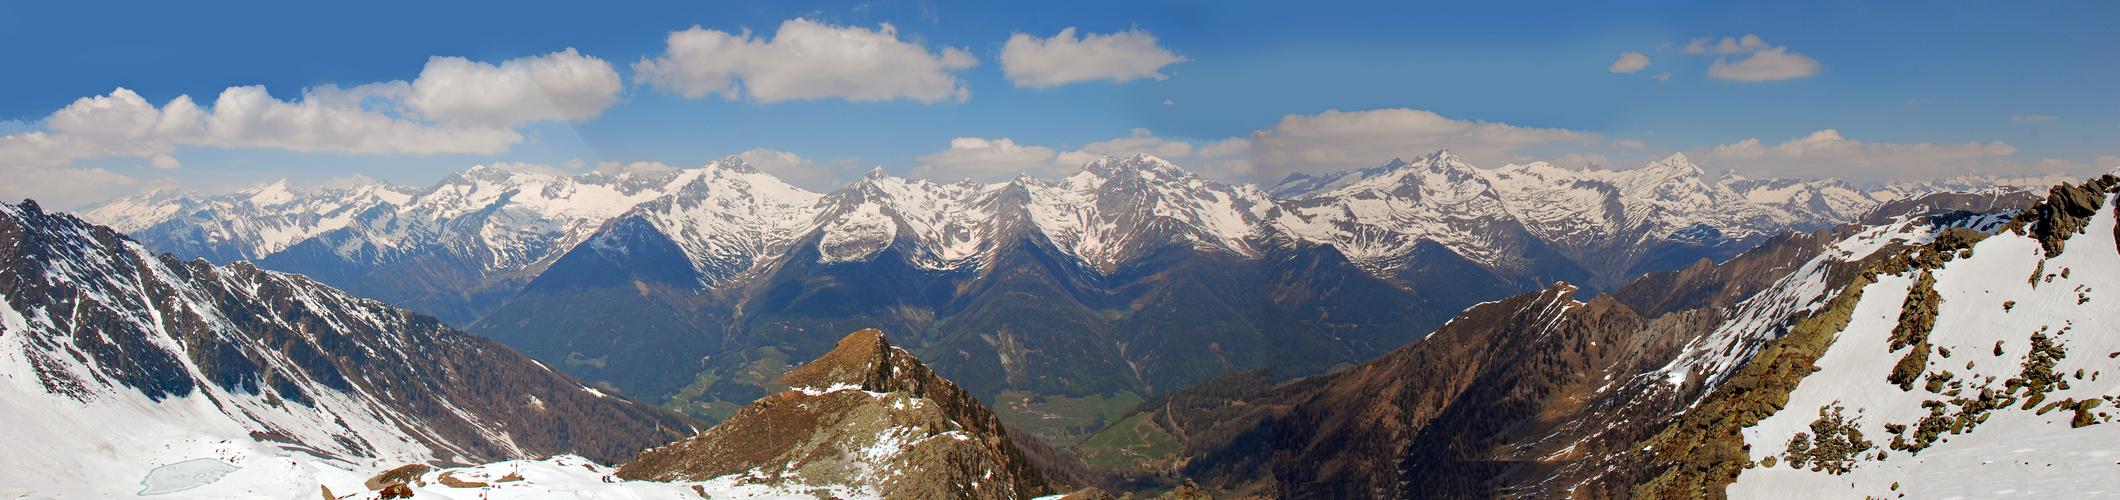 Klausberg-Panorama